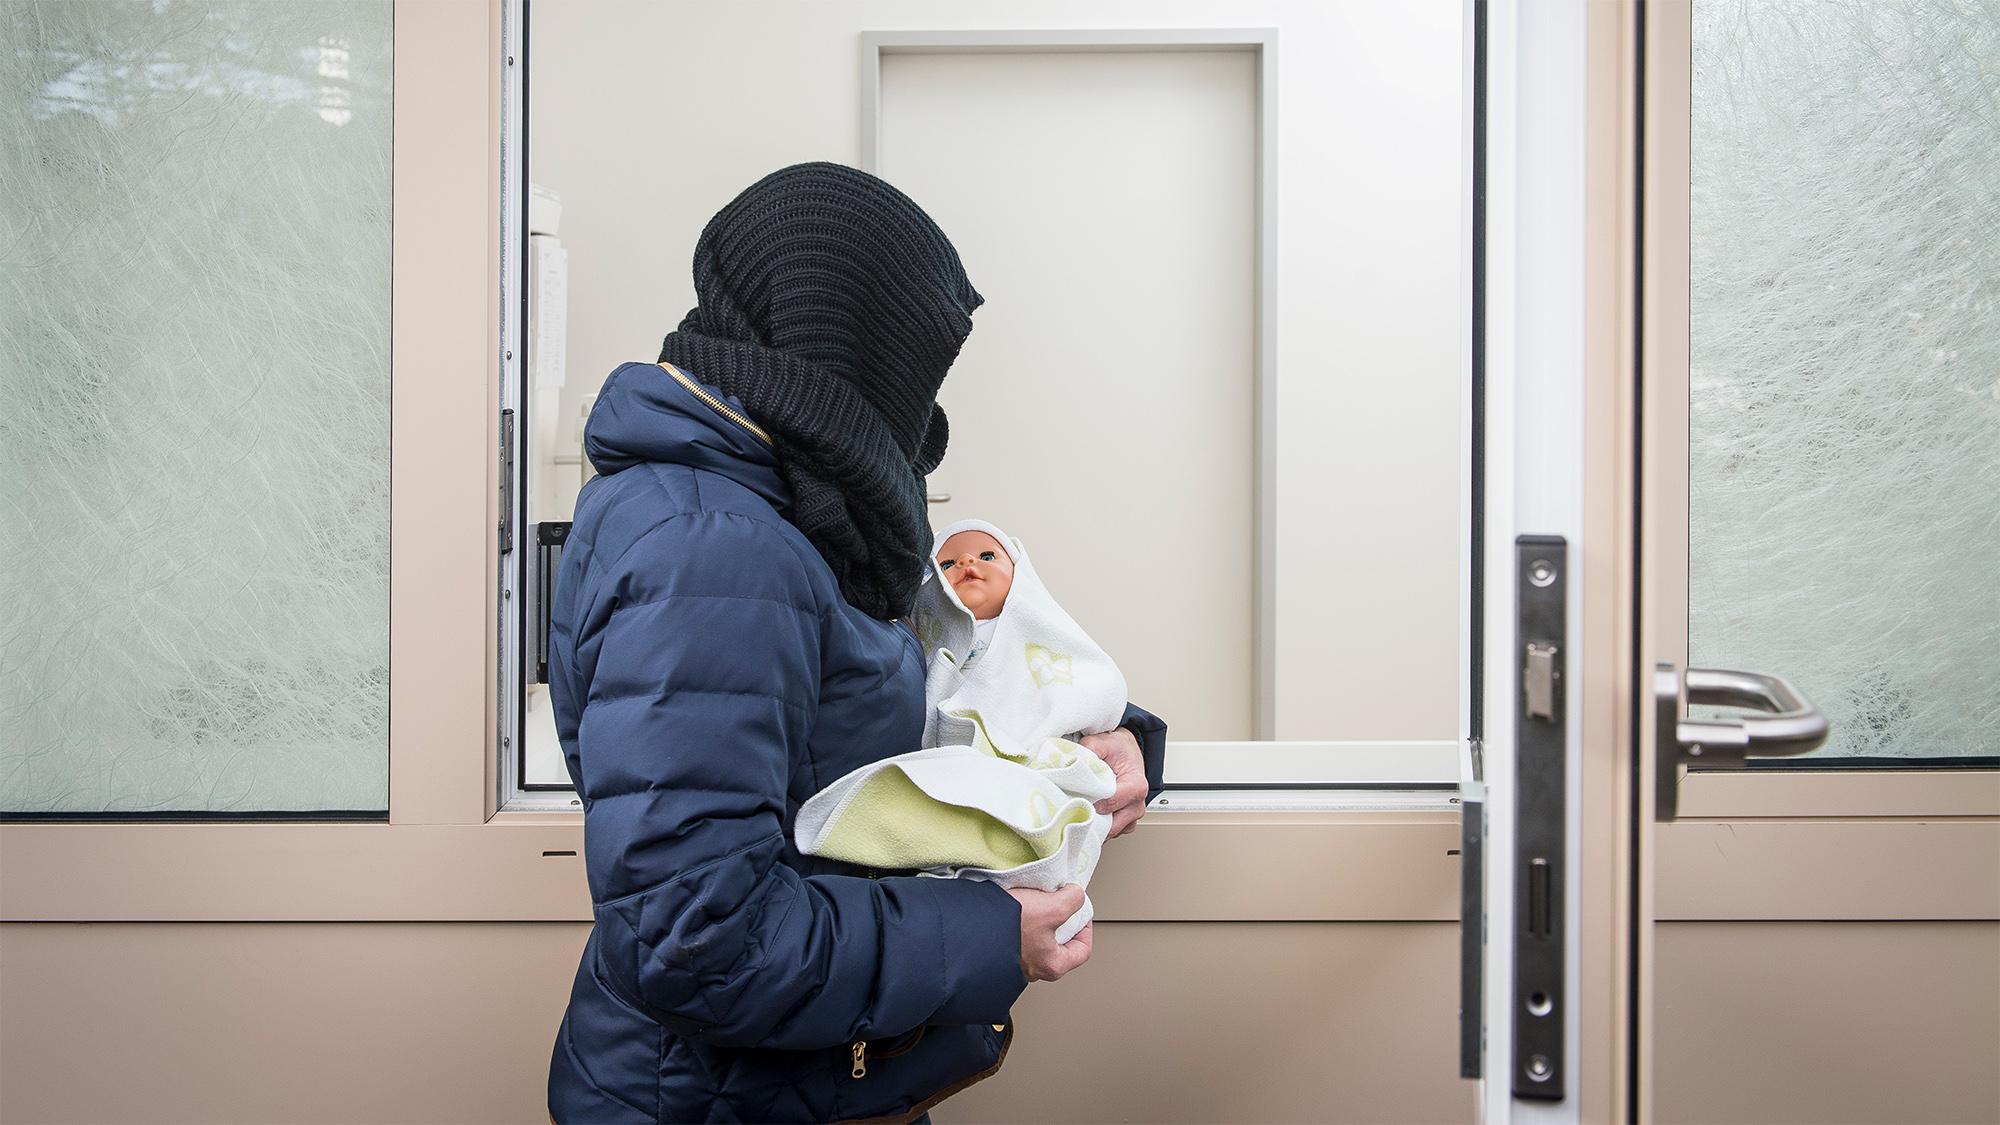 Das erste Babyfenster der Region Basel beim Bethesda Spital: Am 21. September 2017 wurde hier ein Baby abgegeben (Symbolbild)